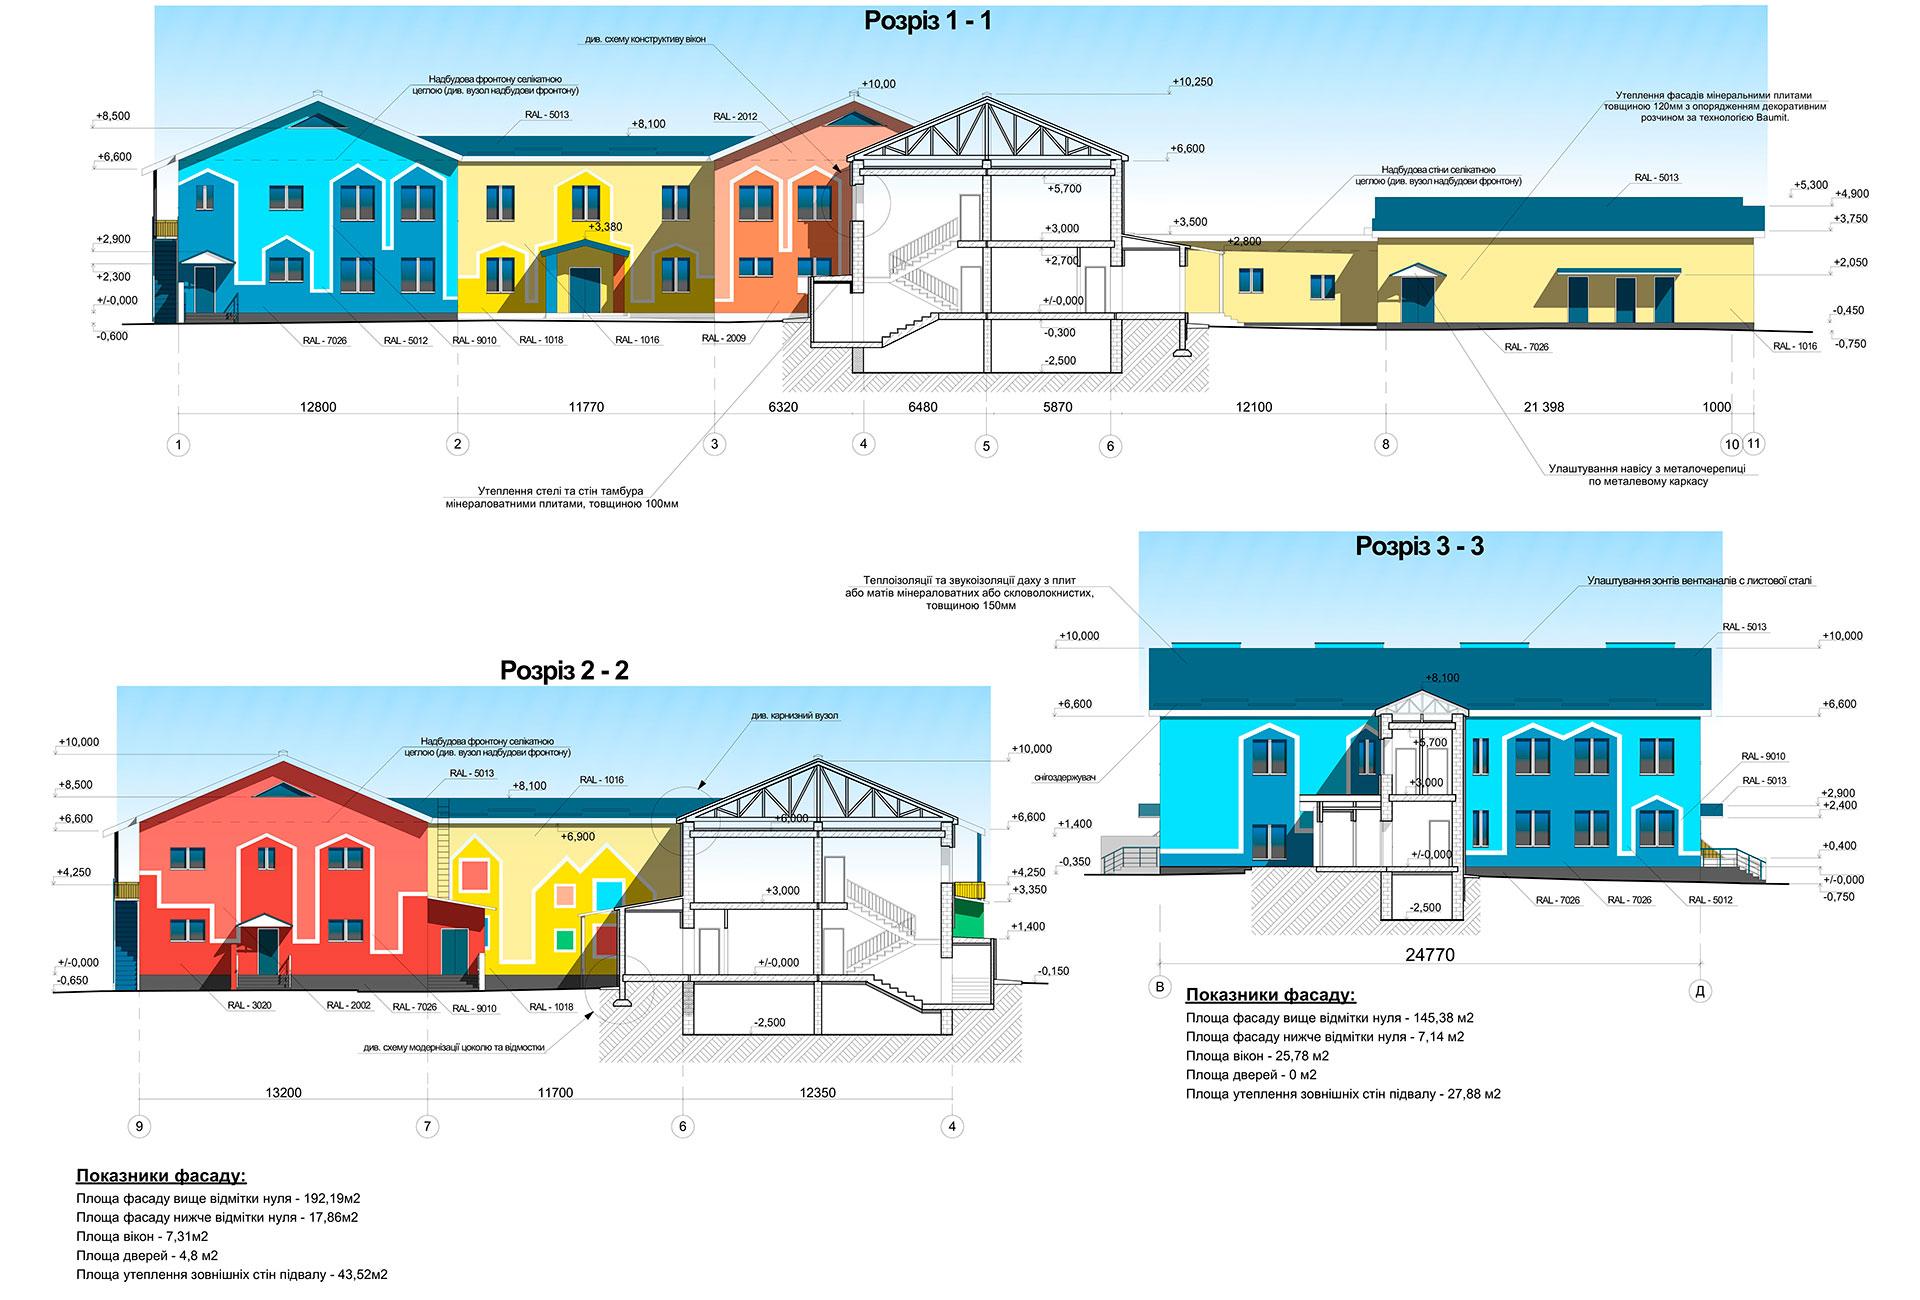 Дом ребенка (г. Краматорск) - Строительная компания «Riola»